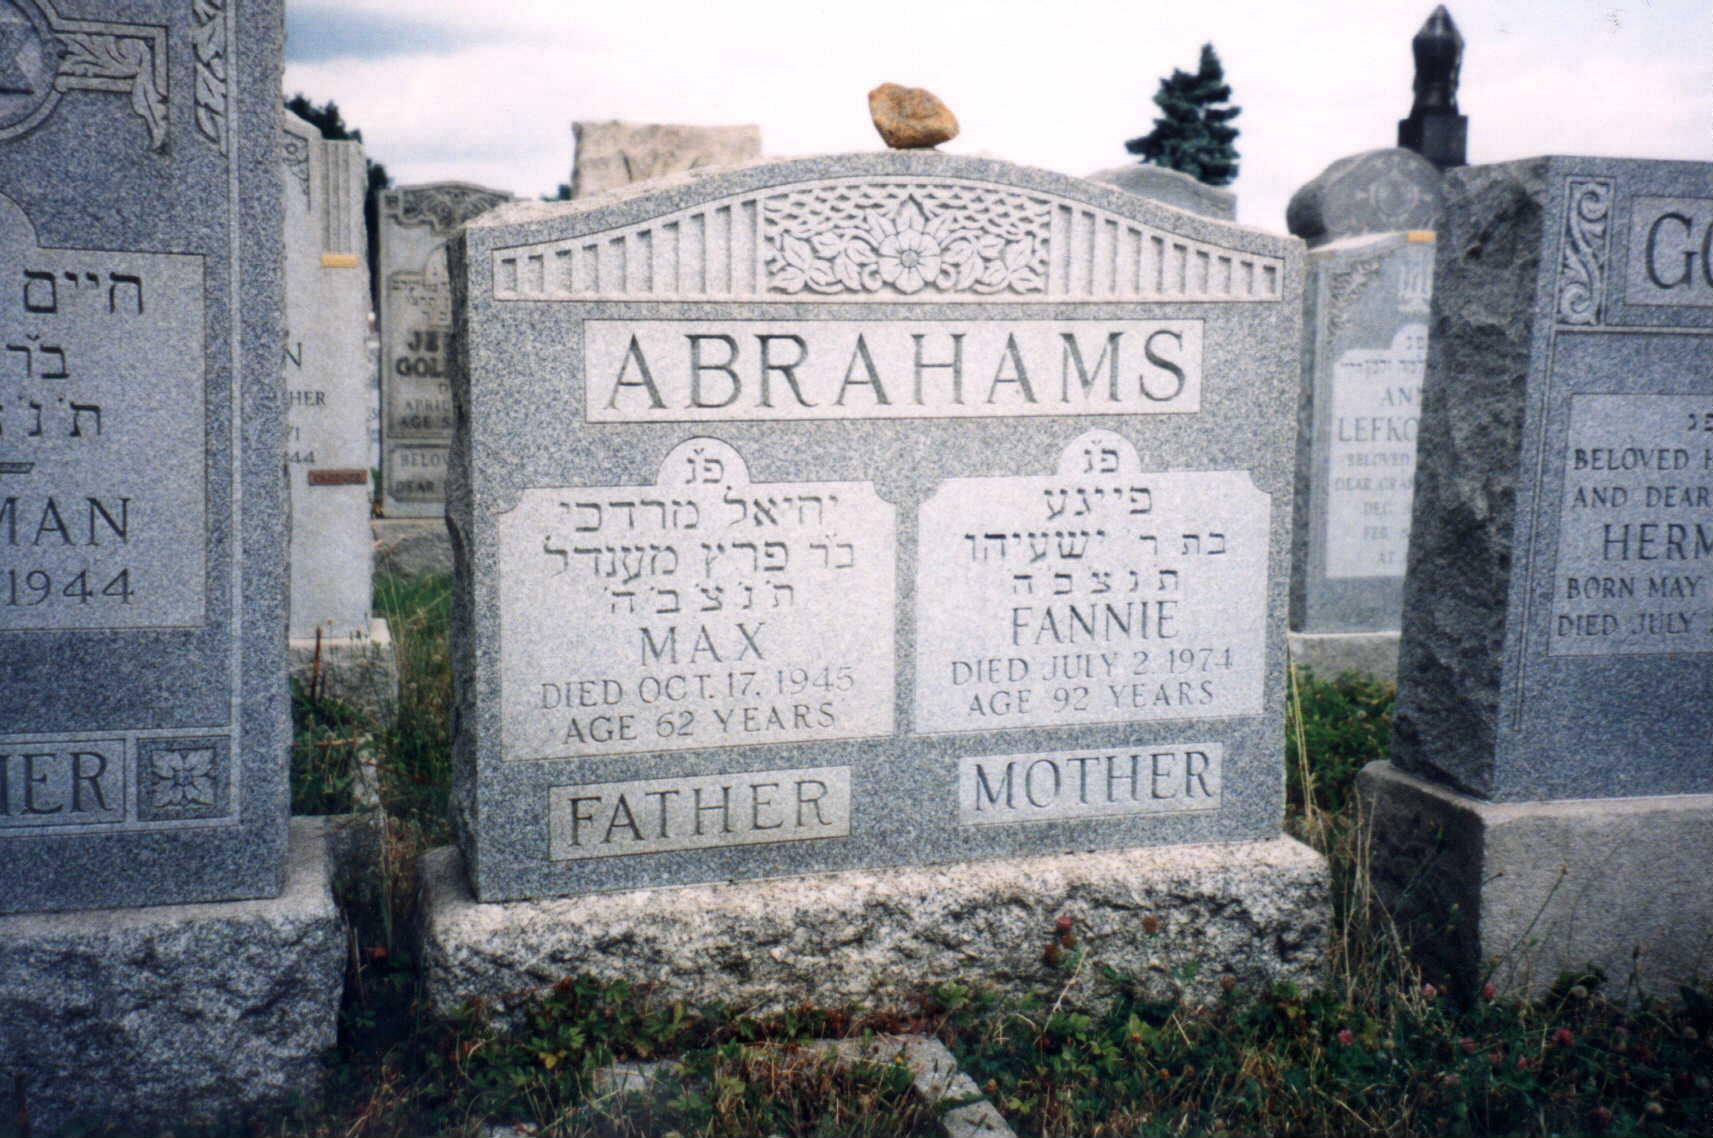 Max Abrahams